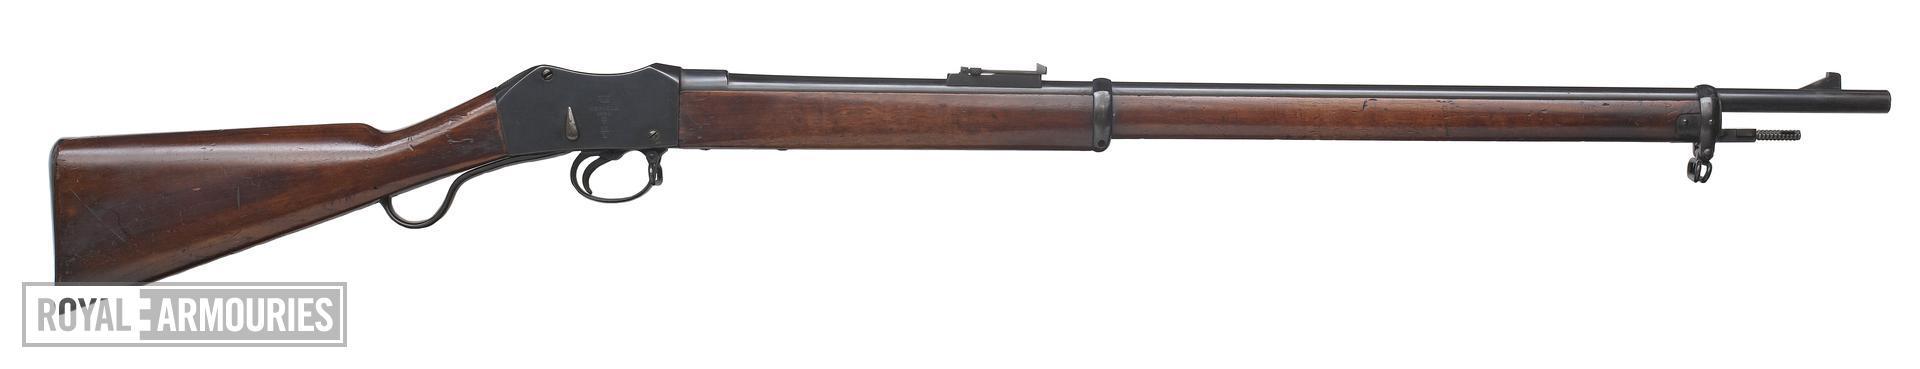 Centrefire underlever breech-loading military rifle - Martini-Metford Mk. V